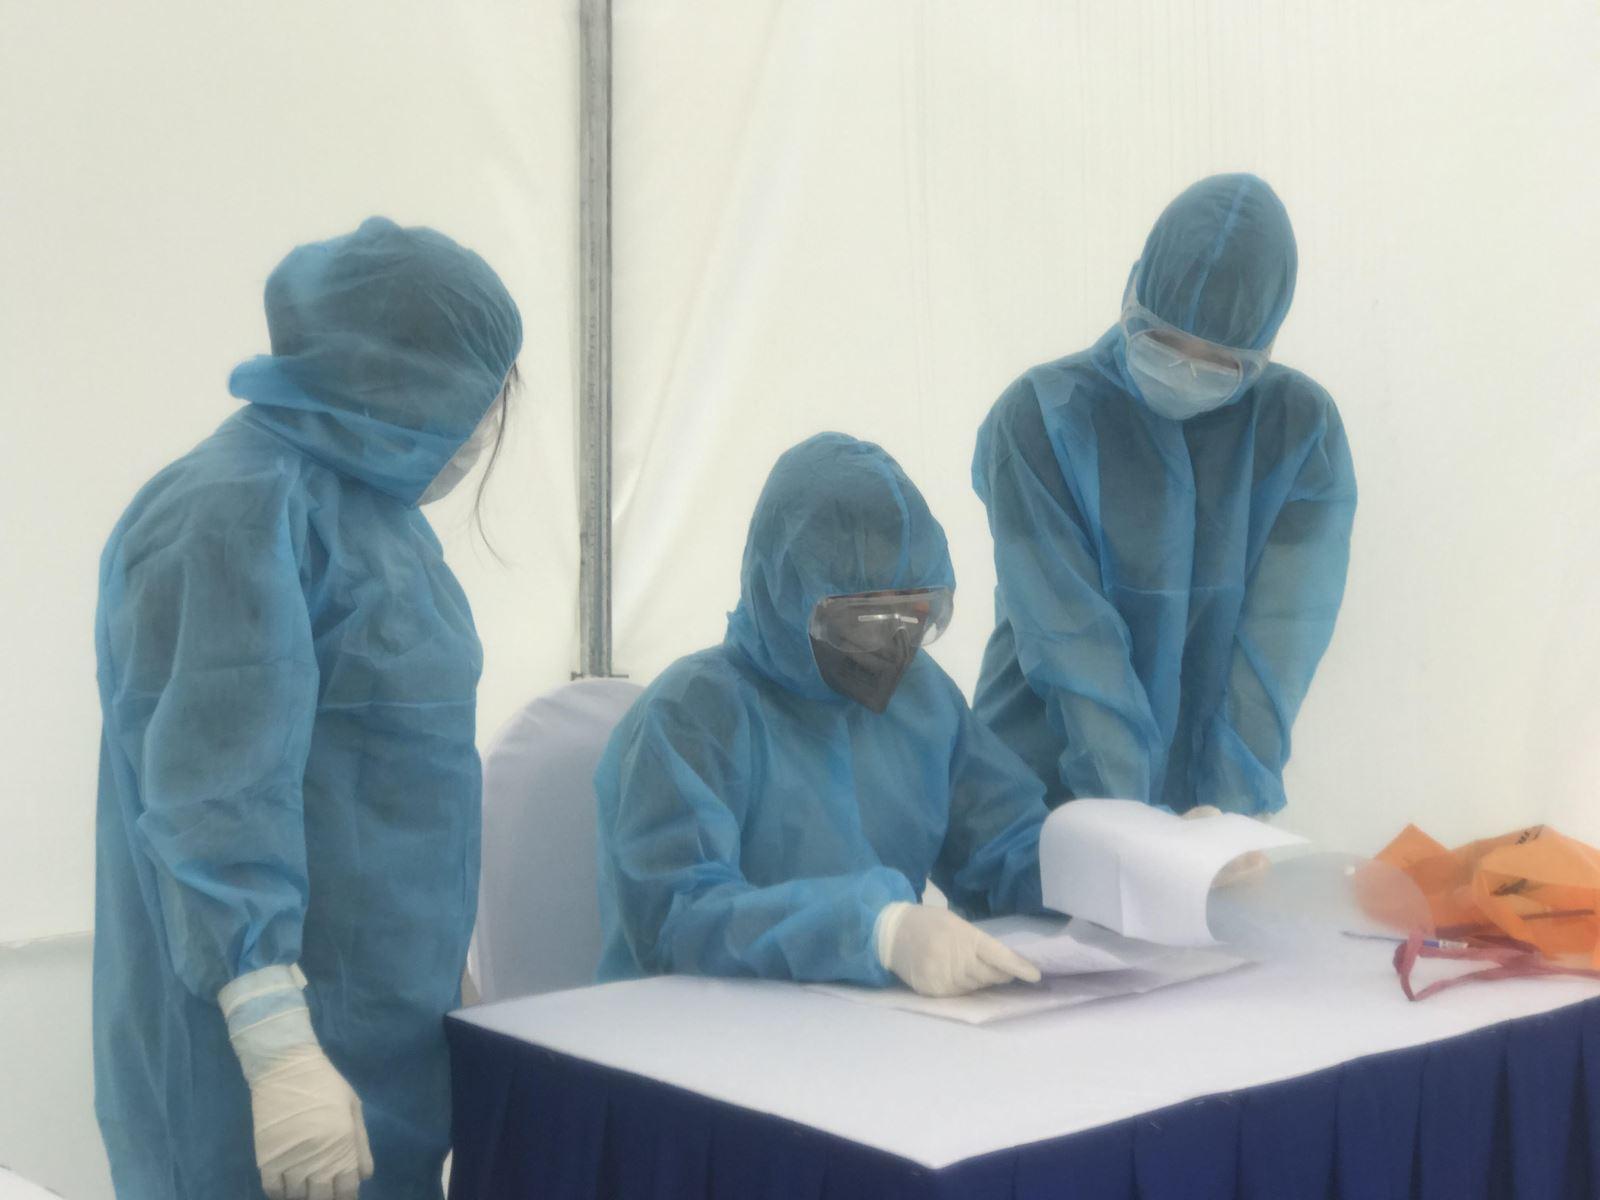 Đội phản ứng nhanh phòng dịch COVID-19: Đã khoác đồ phòng hộ là xác định 'ngứa không gãi, không đi vệ sinh' - Ảnh 3